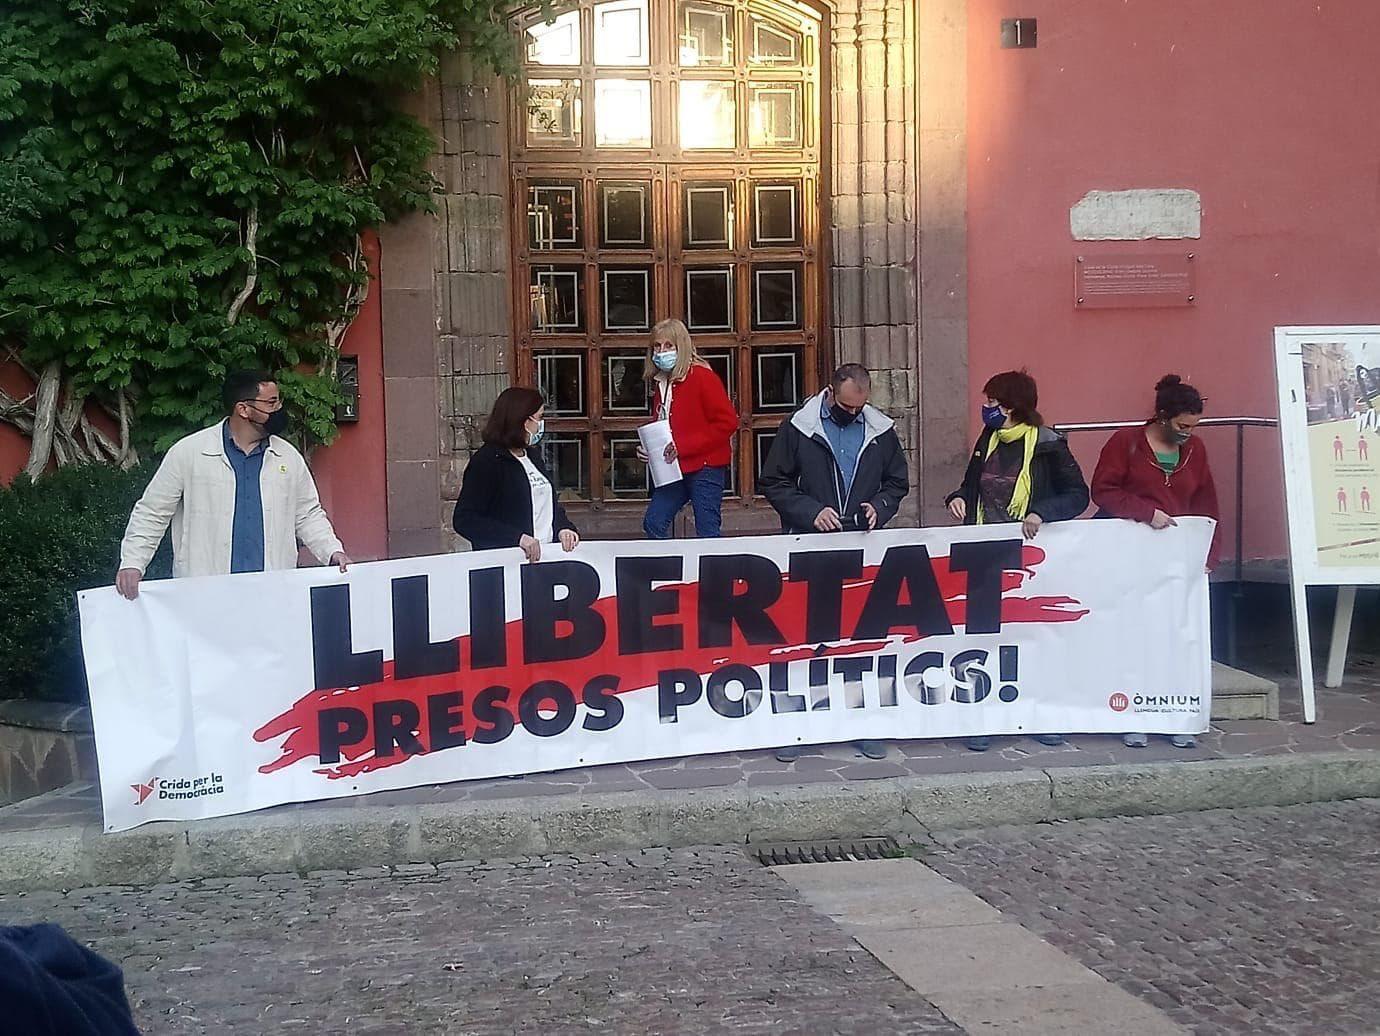 La Defensora del Poble de la Seu trenca la neutralitat arremetent contra el govern i l'Estat espanyol